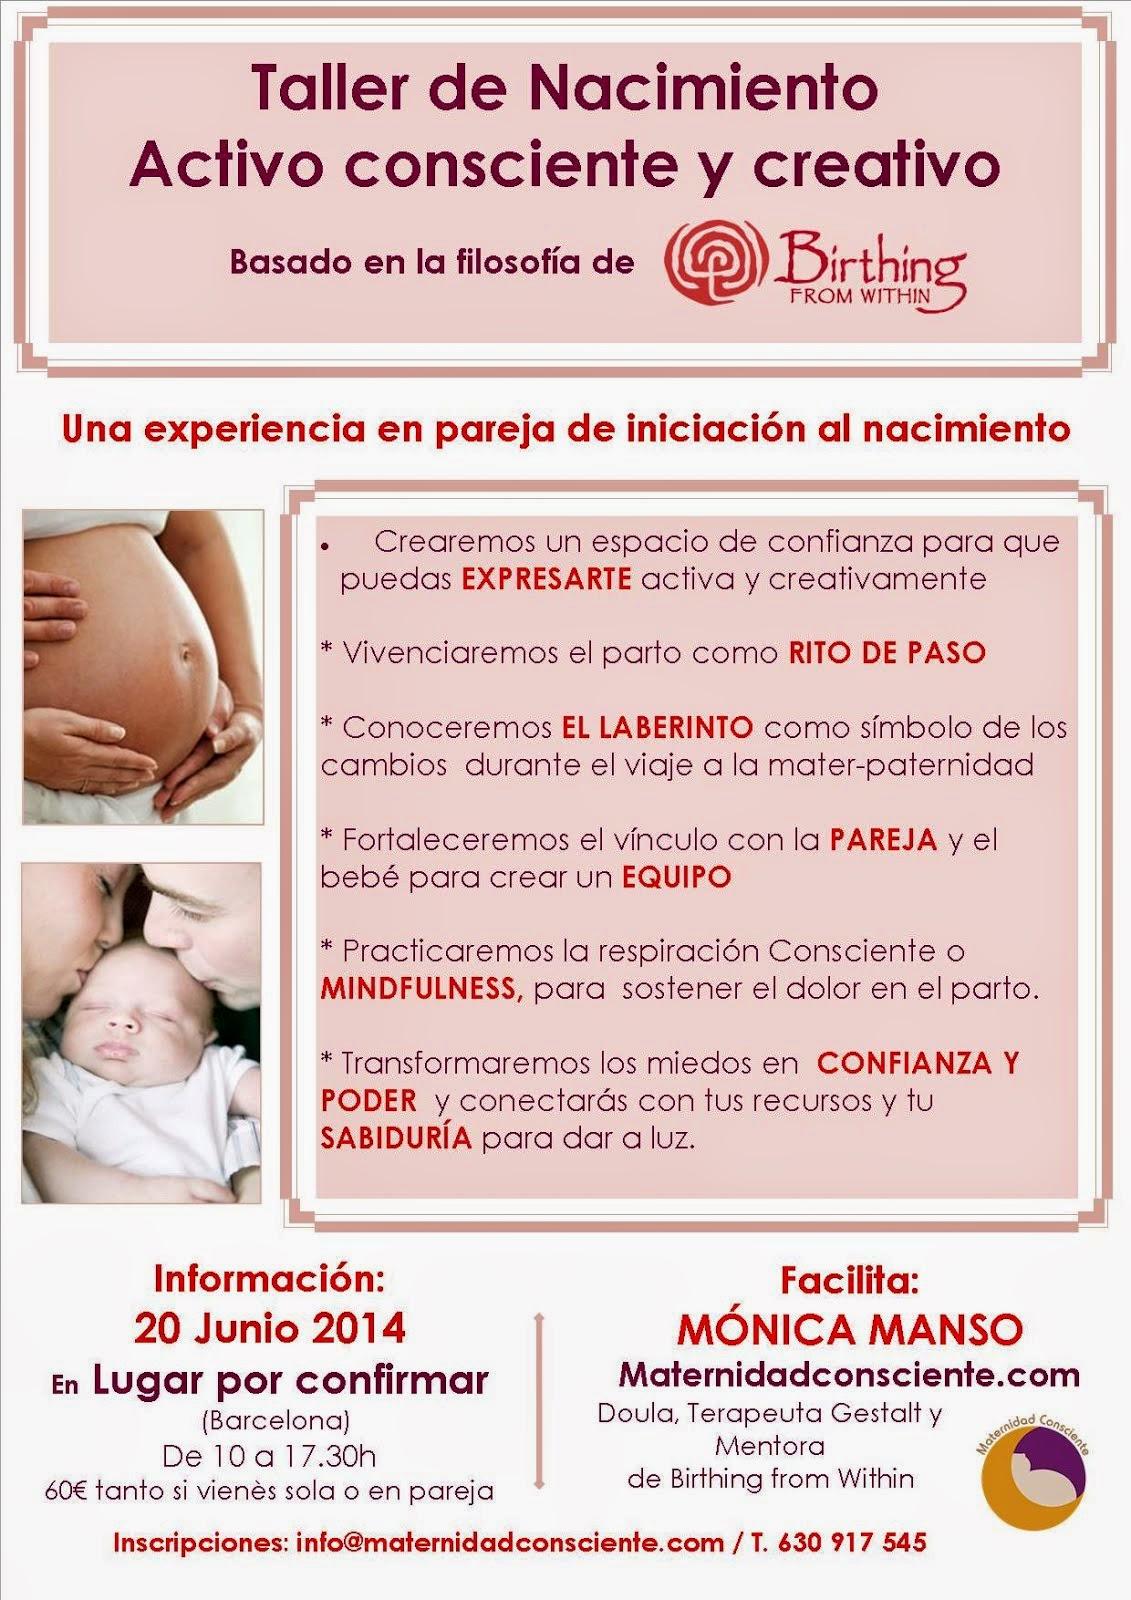 Taller de embarazo Activo Consciente y Creativo · 20 Junio 2015 · Barcelona